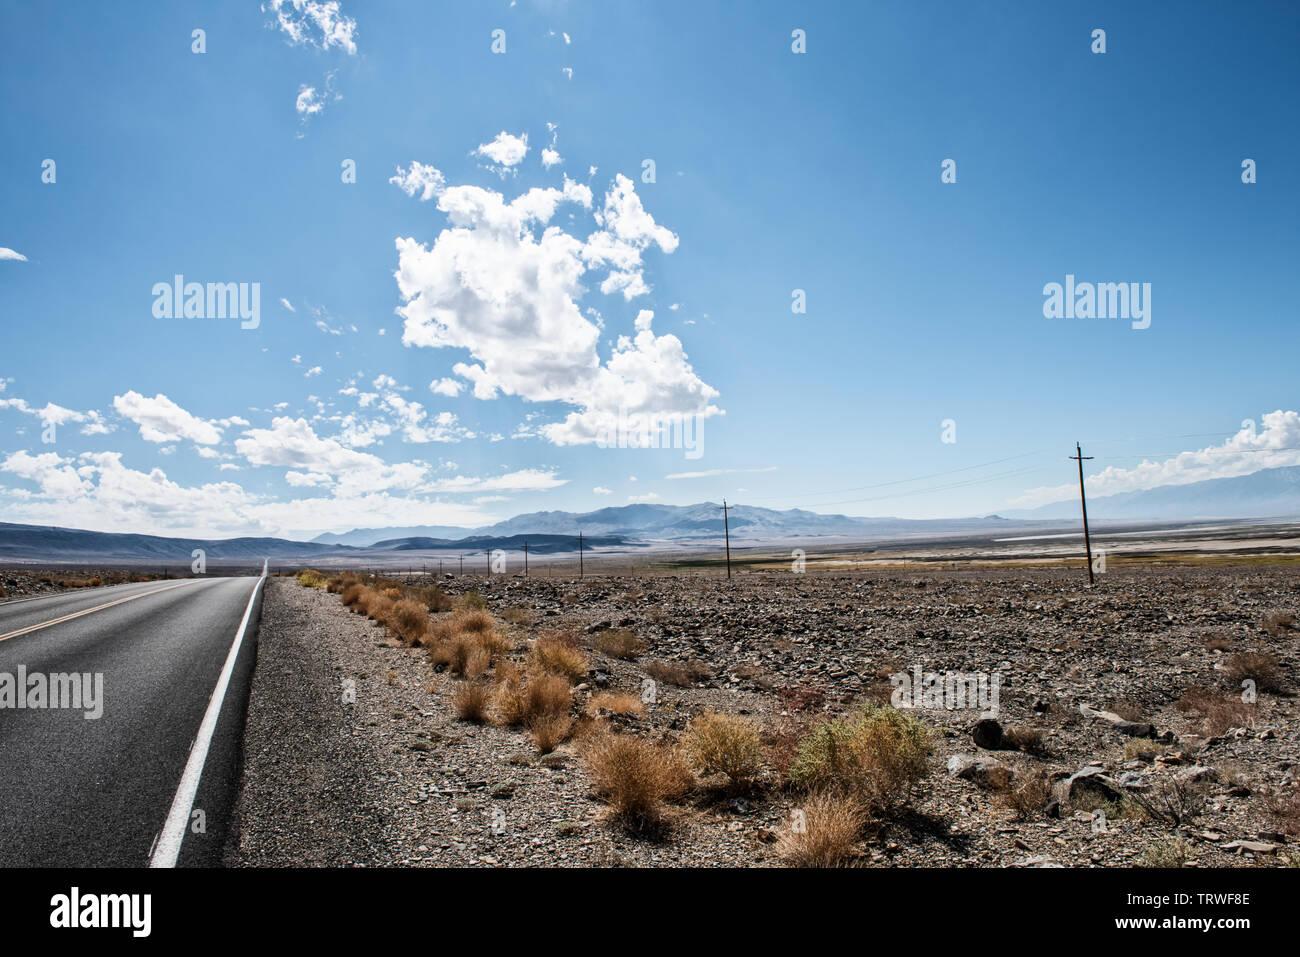 Death Valley, Highway,Nationalpark,mountains,stones,valley,Landschaftsaufnahme,clouds,road, Wolken,Straße,Berge,Einsamkeit,Unendlichkeit,lonlyness,USA - Stock Image